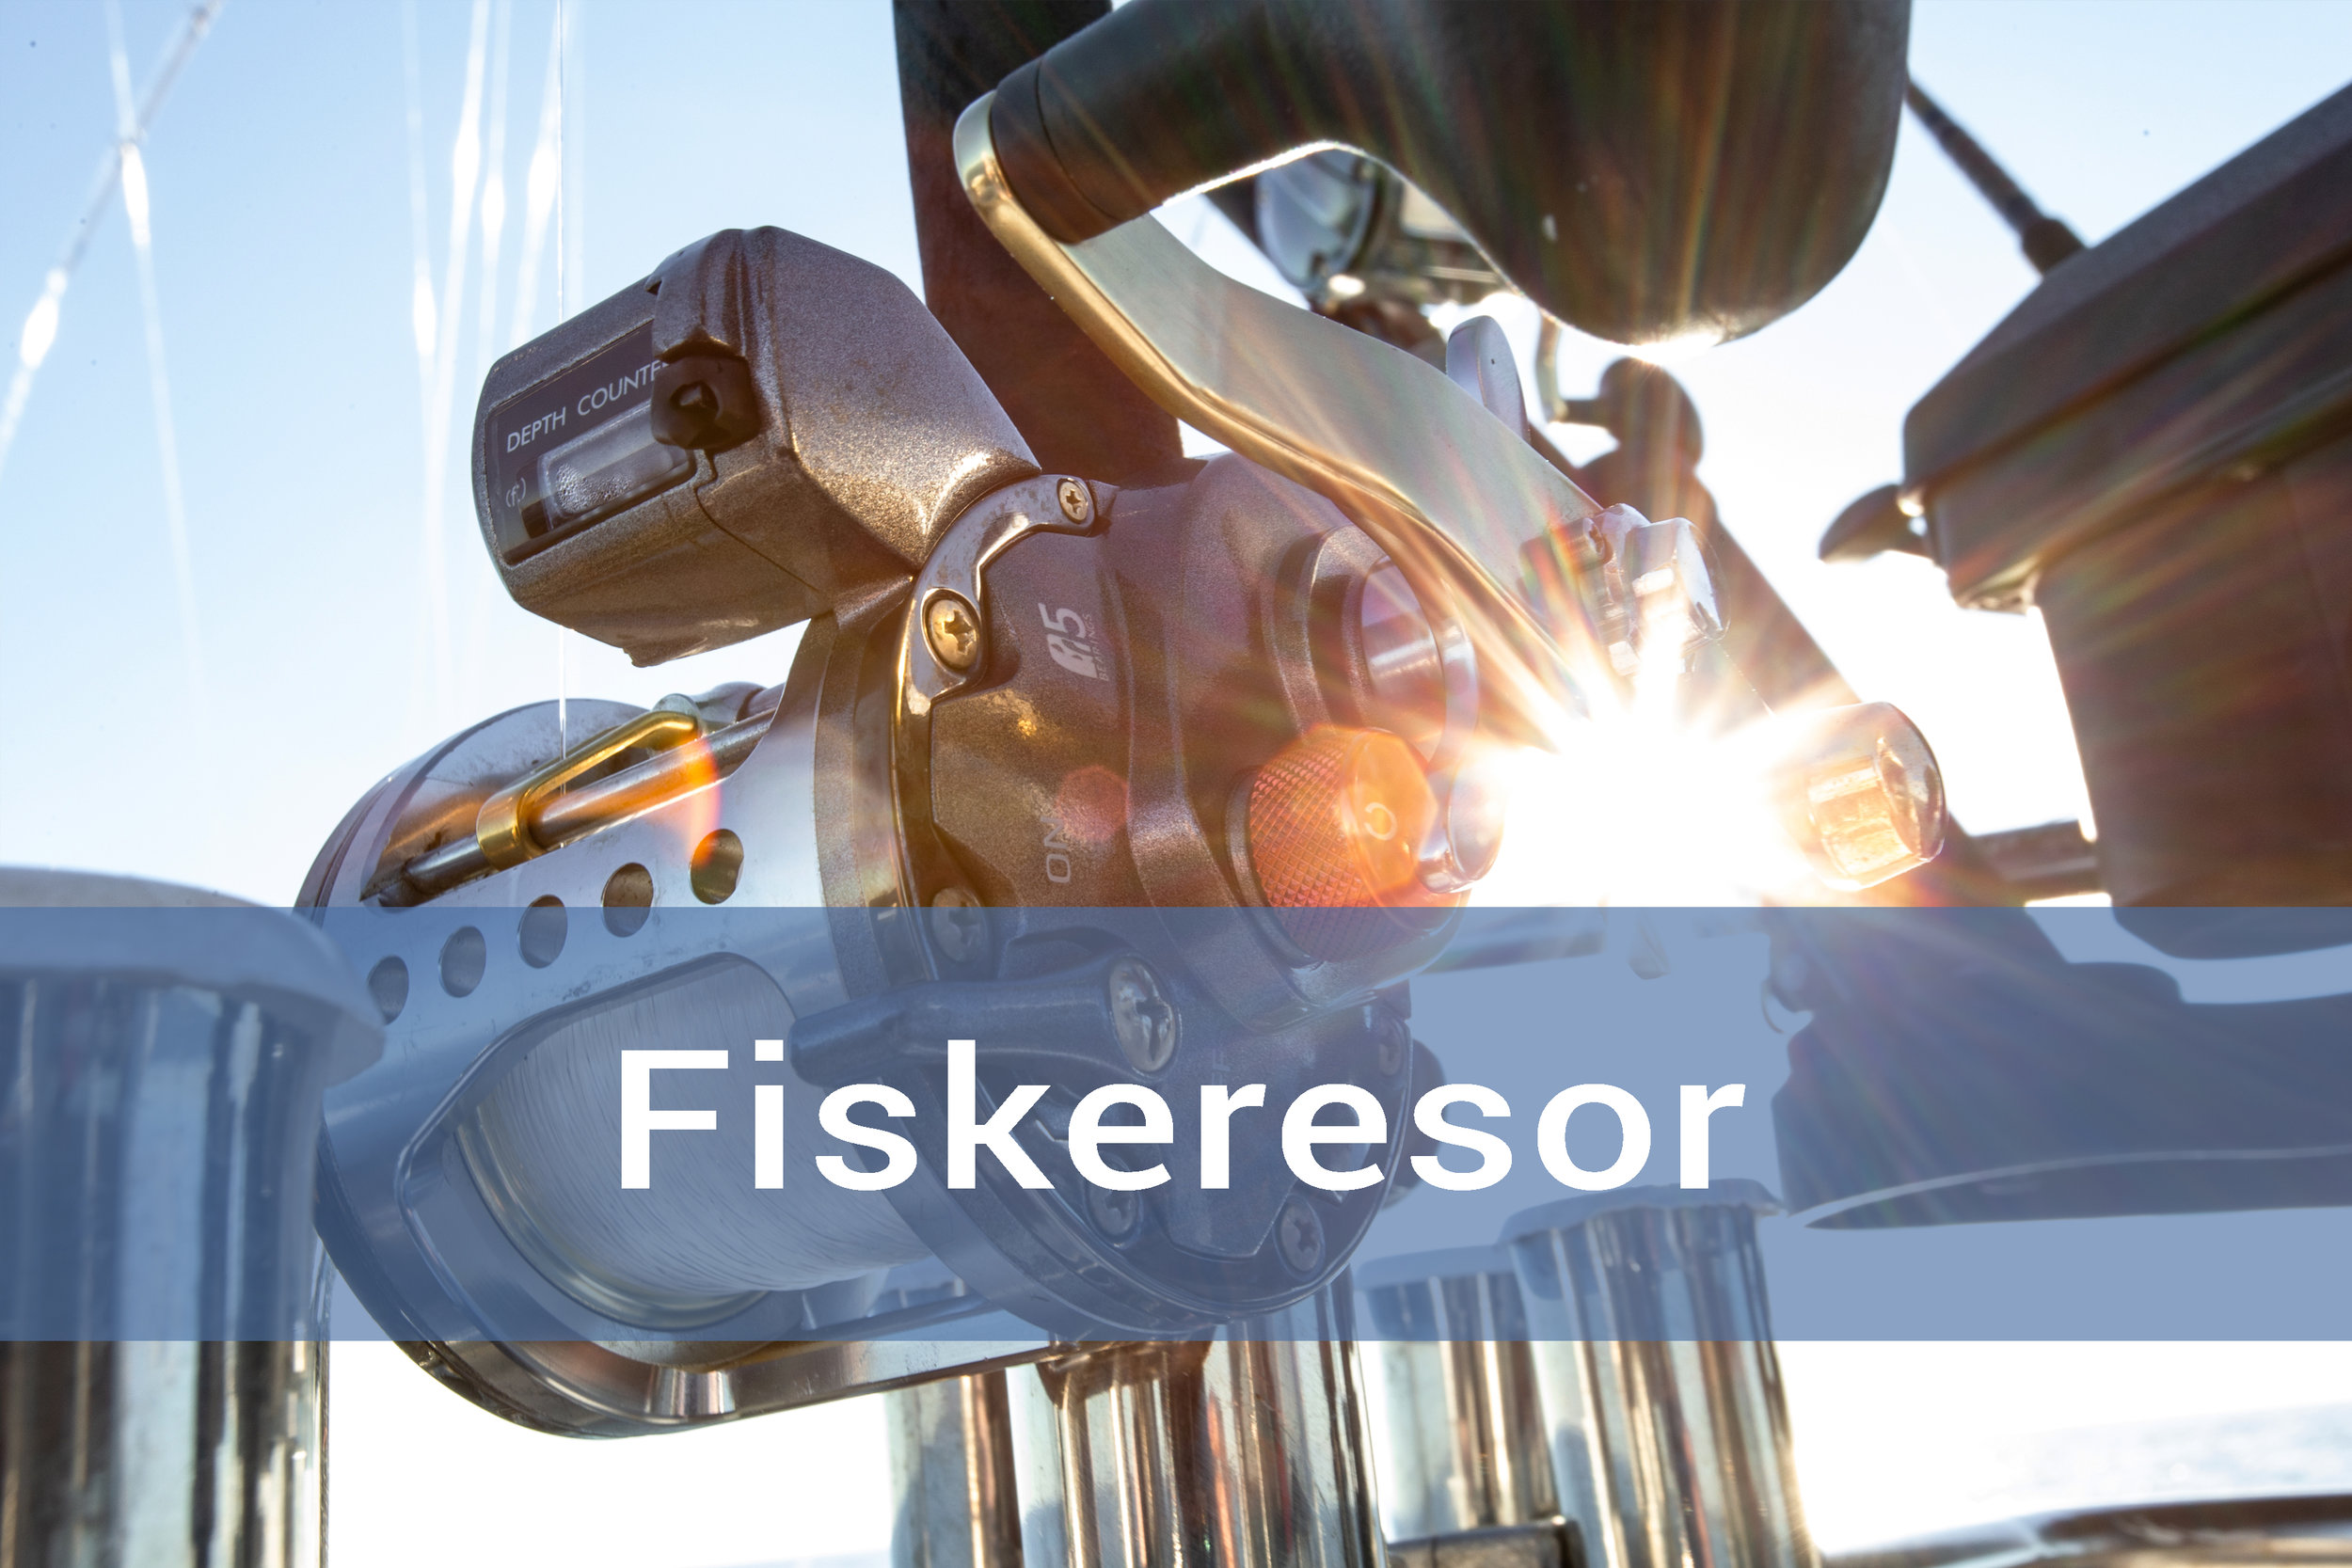 Fiskeresor.jpg